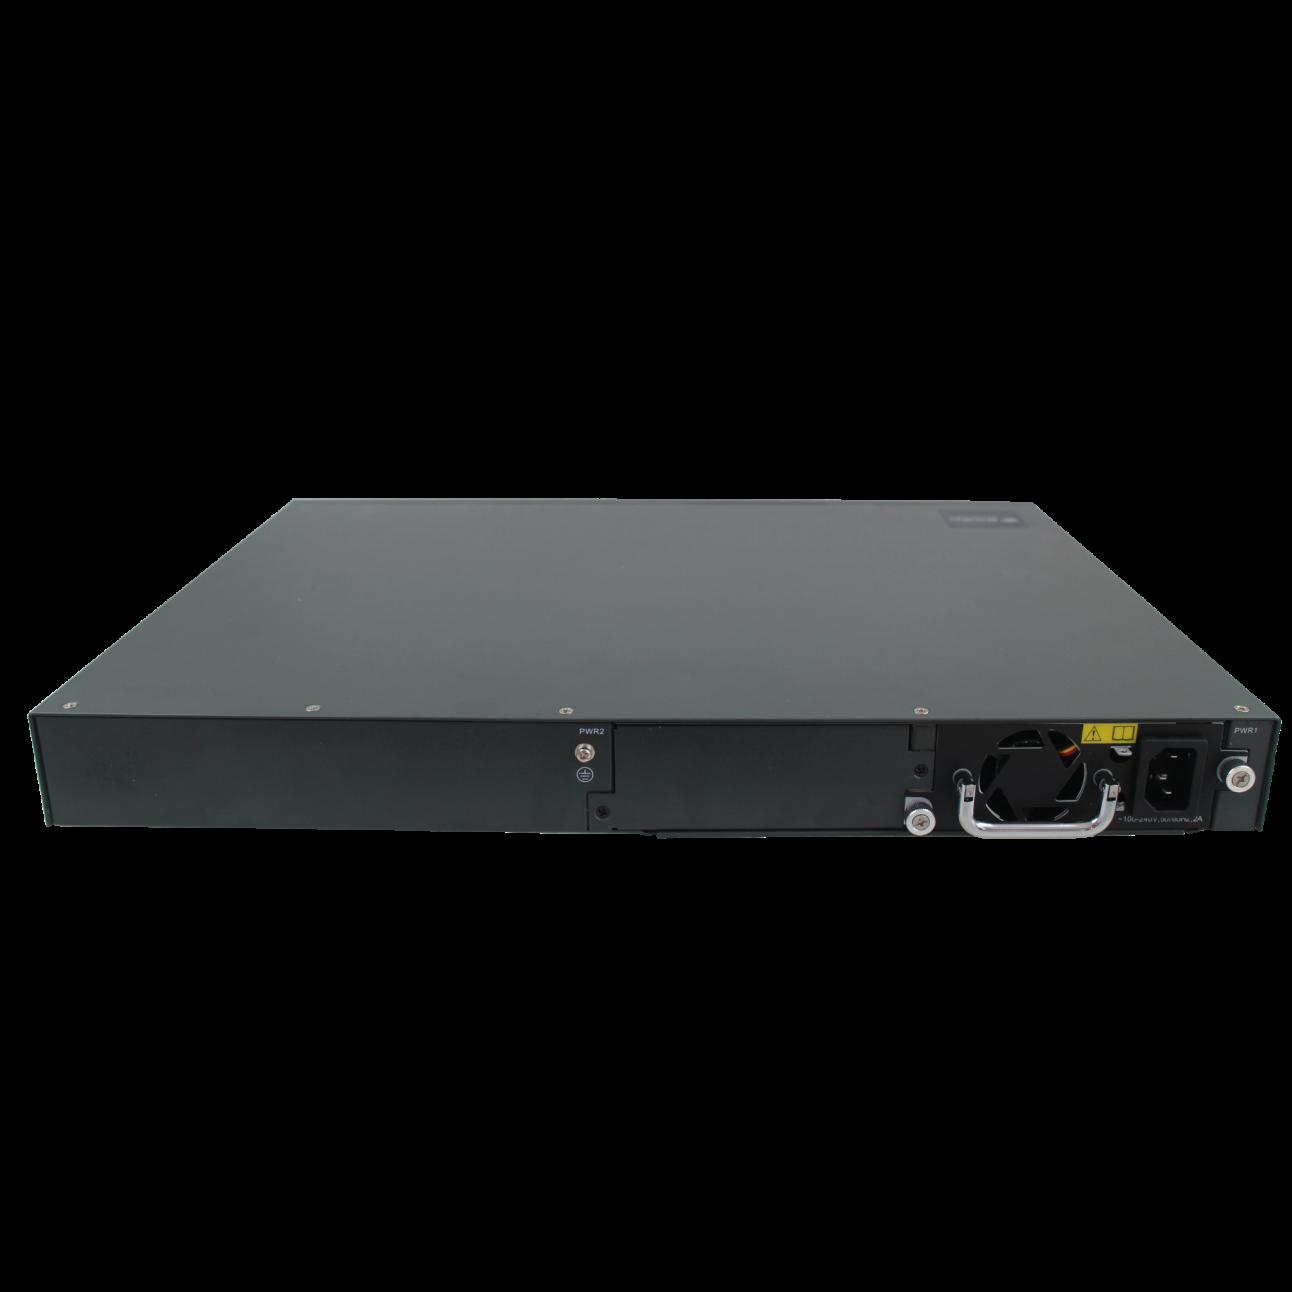 Управляемый коммутатор уровня 3 BDCOM S3740